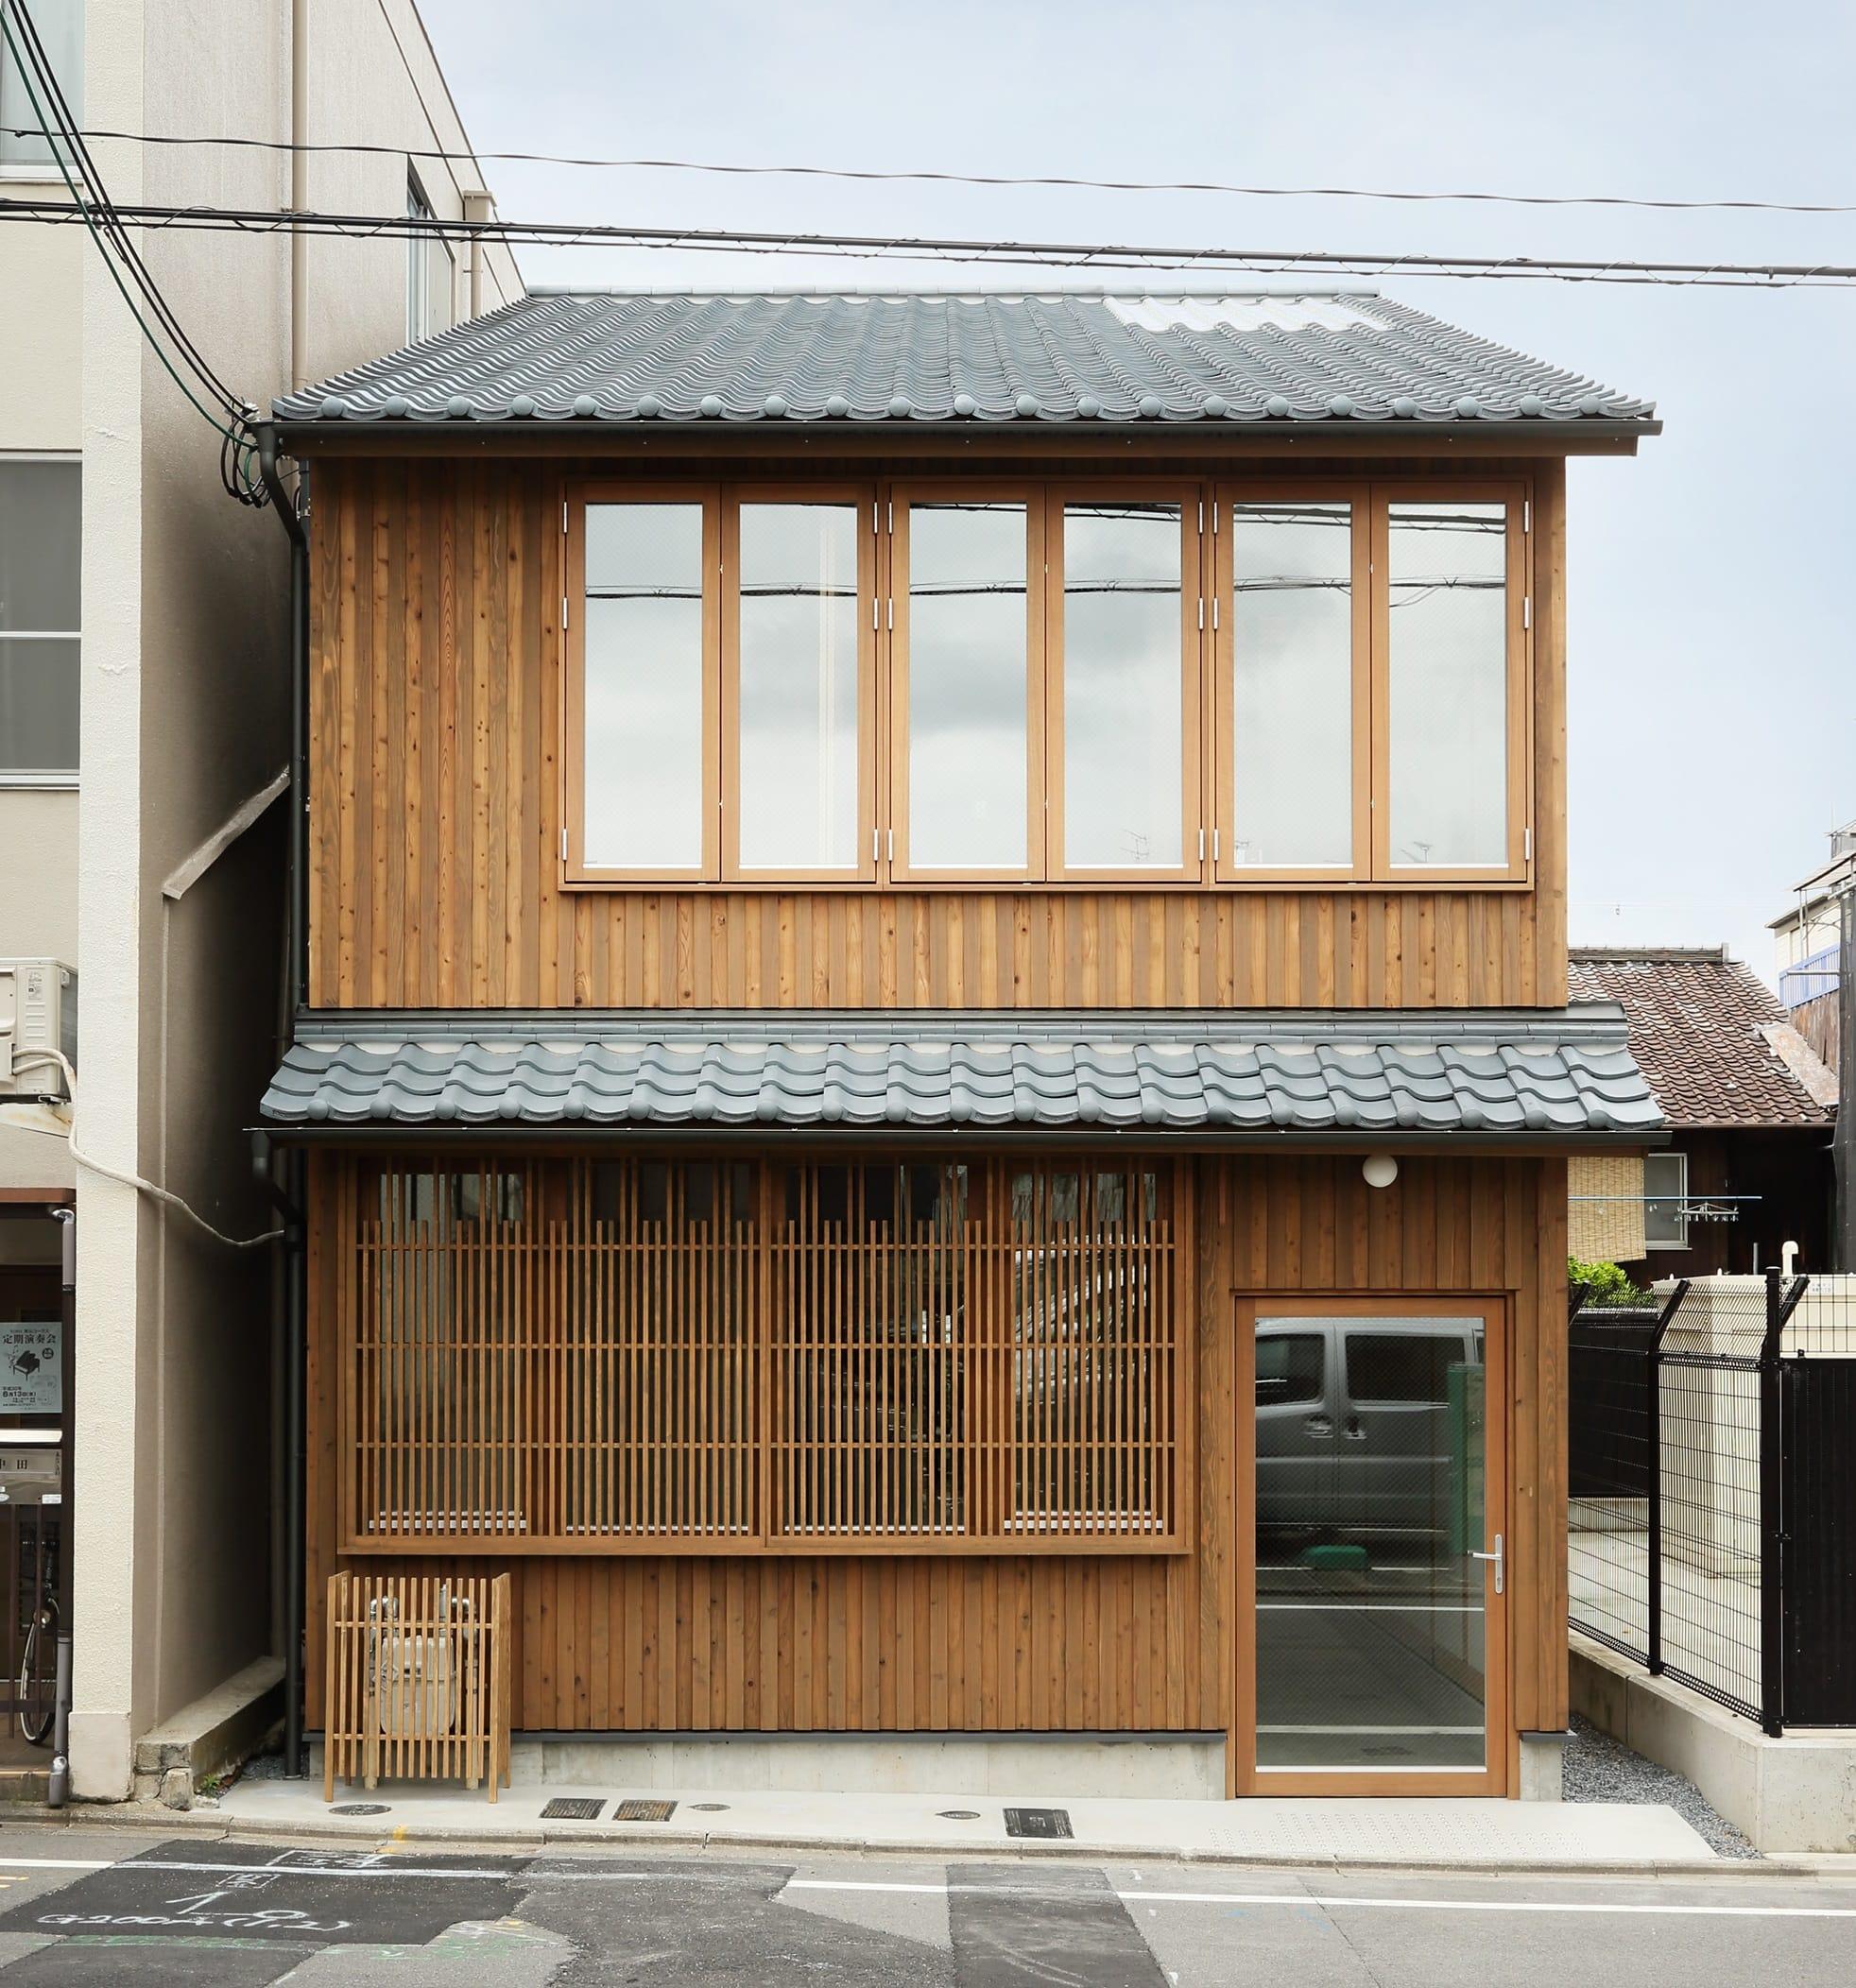 |京都|ホステル|三十三間堂近くのホステルで働きながら、京都に住んでみませんか?住み込みスタッフ募集中。